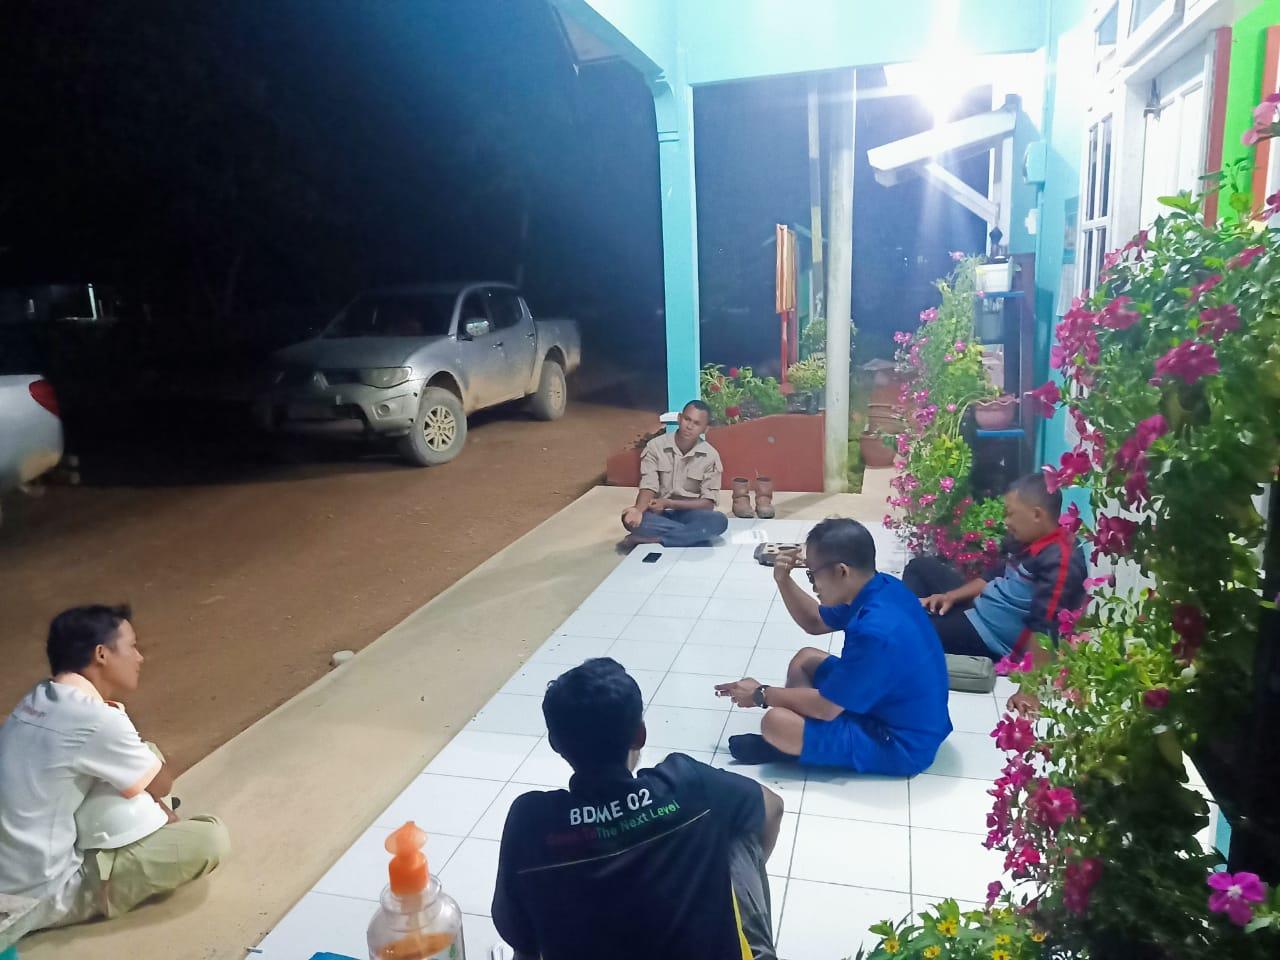 Suasana BDME Malam Bersama AC dan Staff BDME.